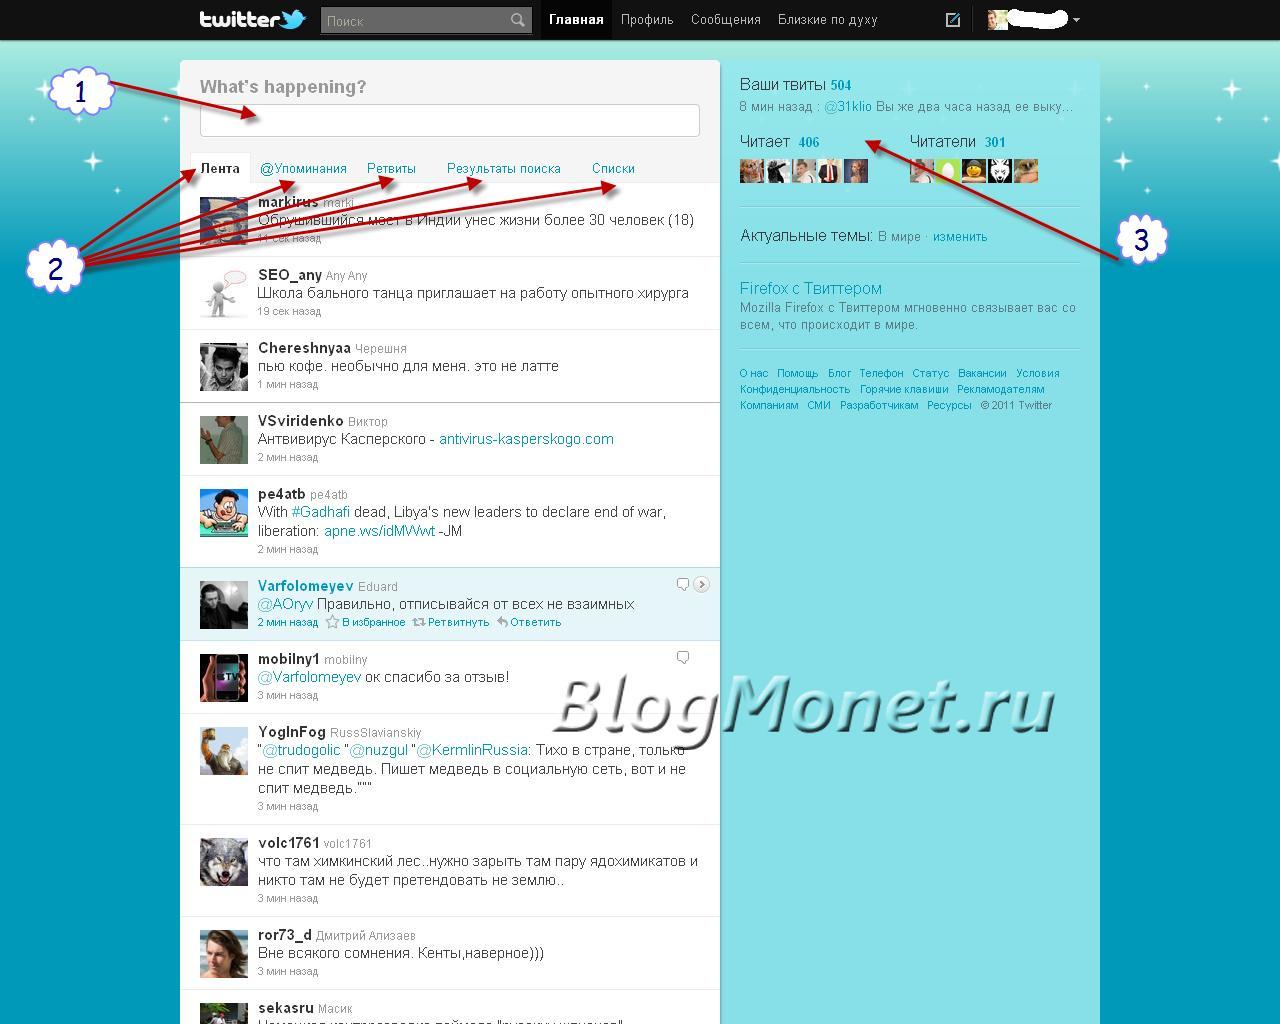 Как пользоваться Twitter_главная страница